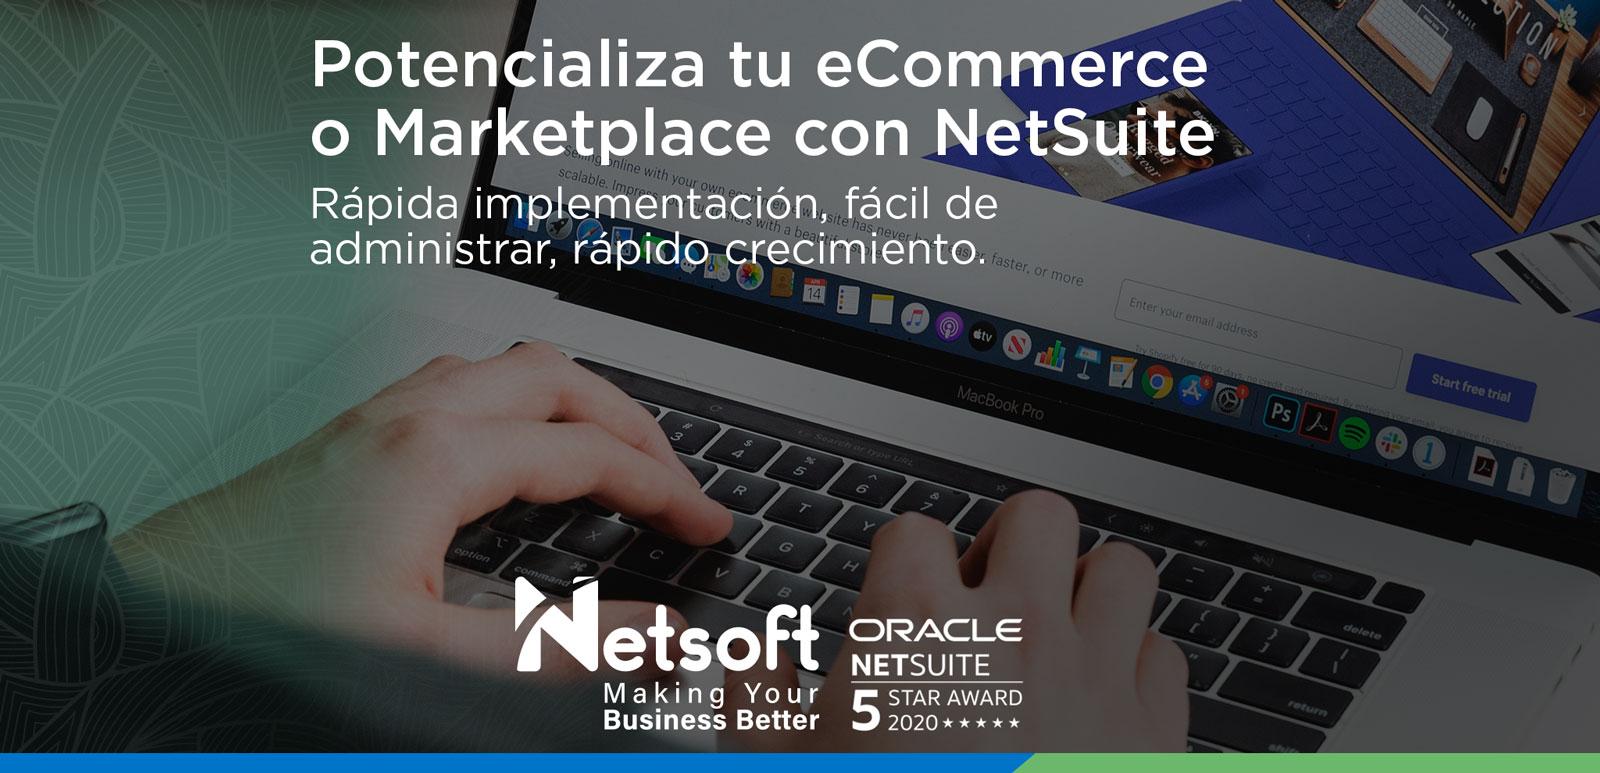 Potencializa tu eCommerce o Marketplace con NetSuite